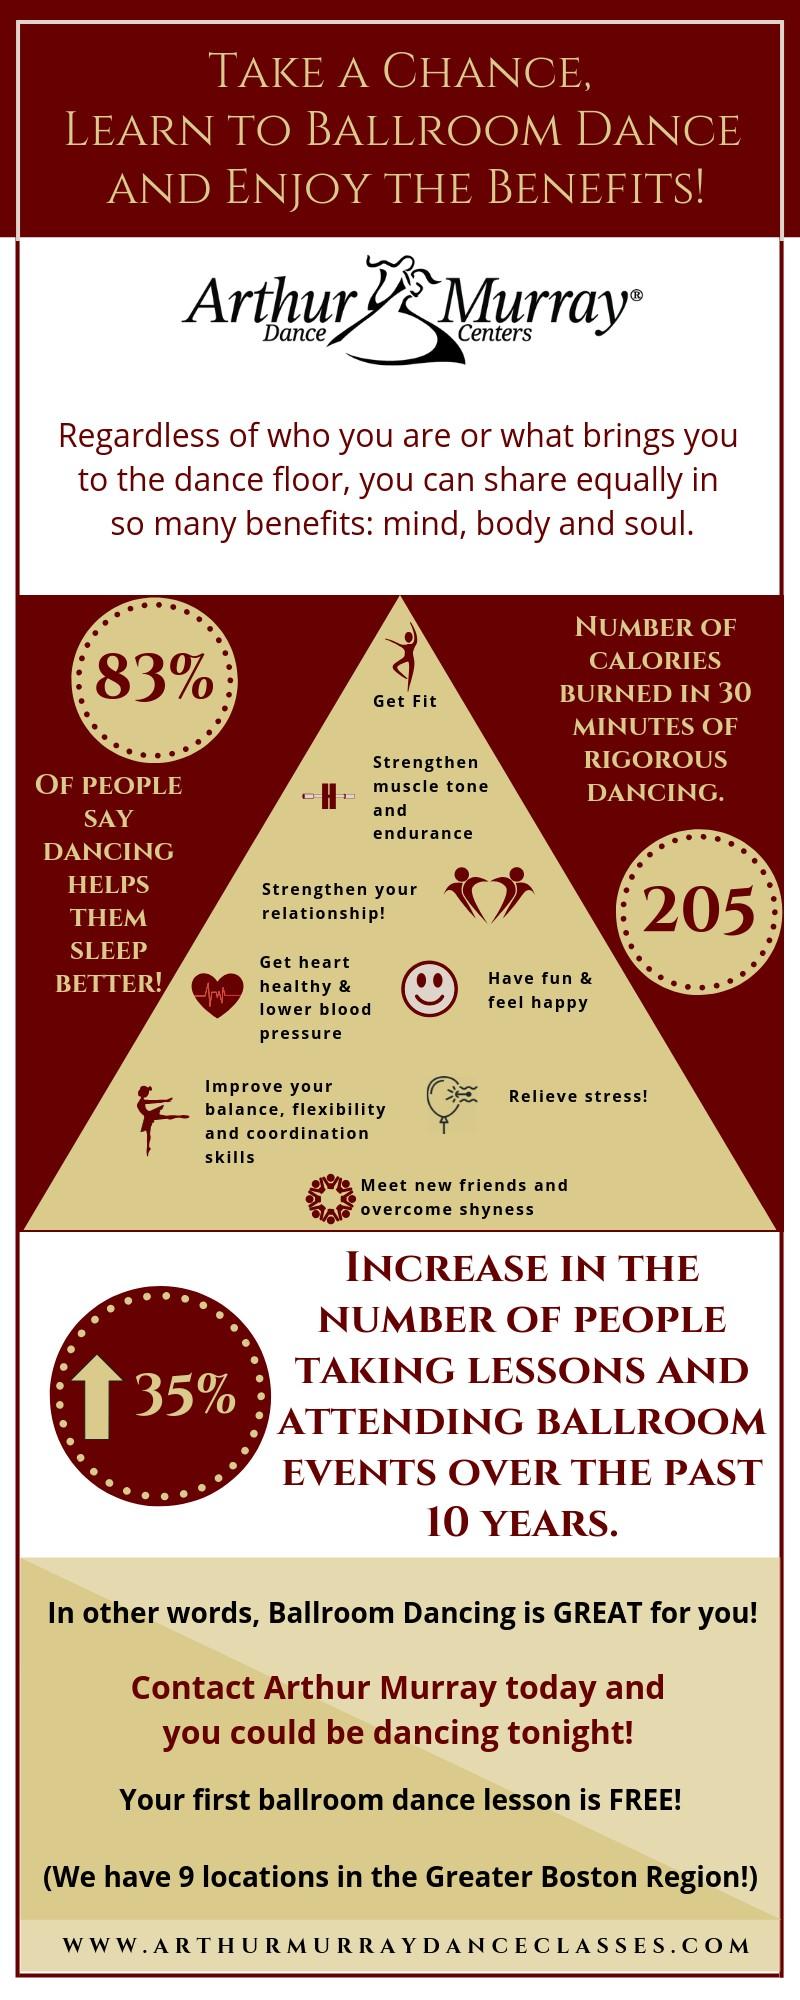 amdc_infographic